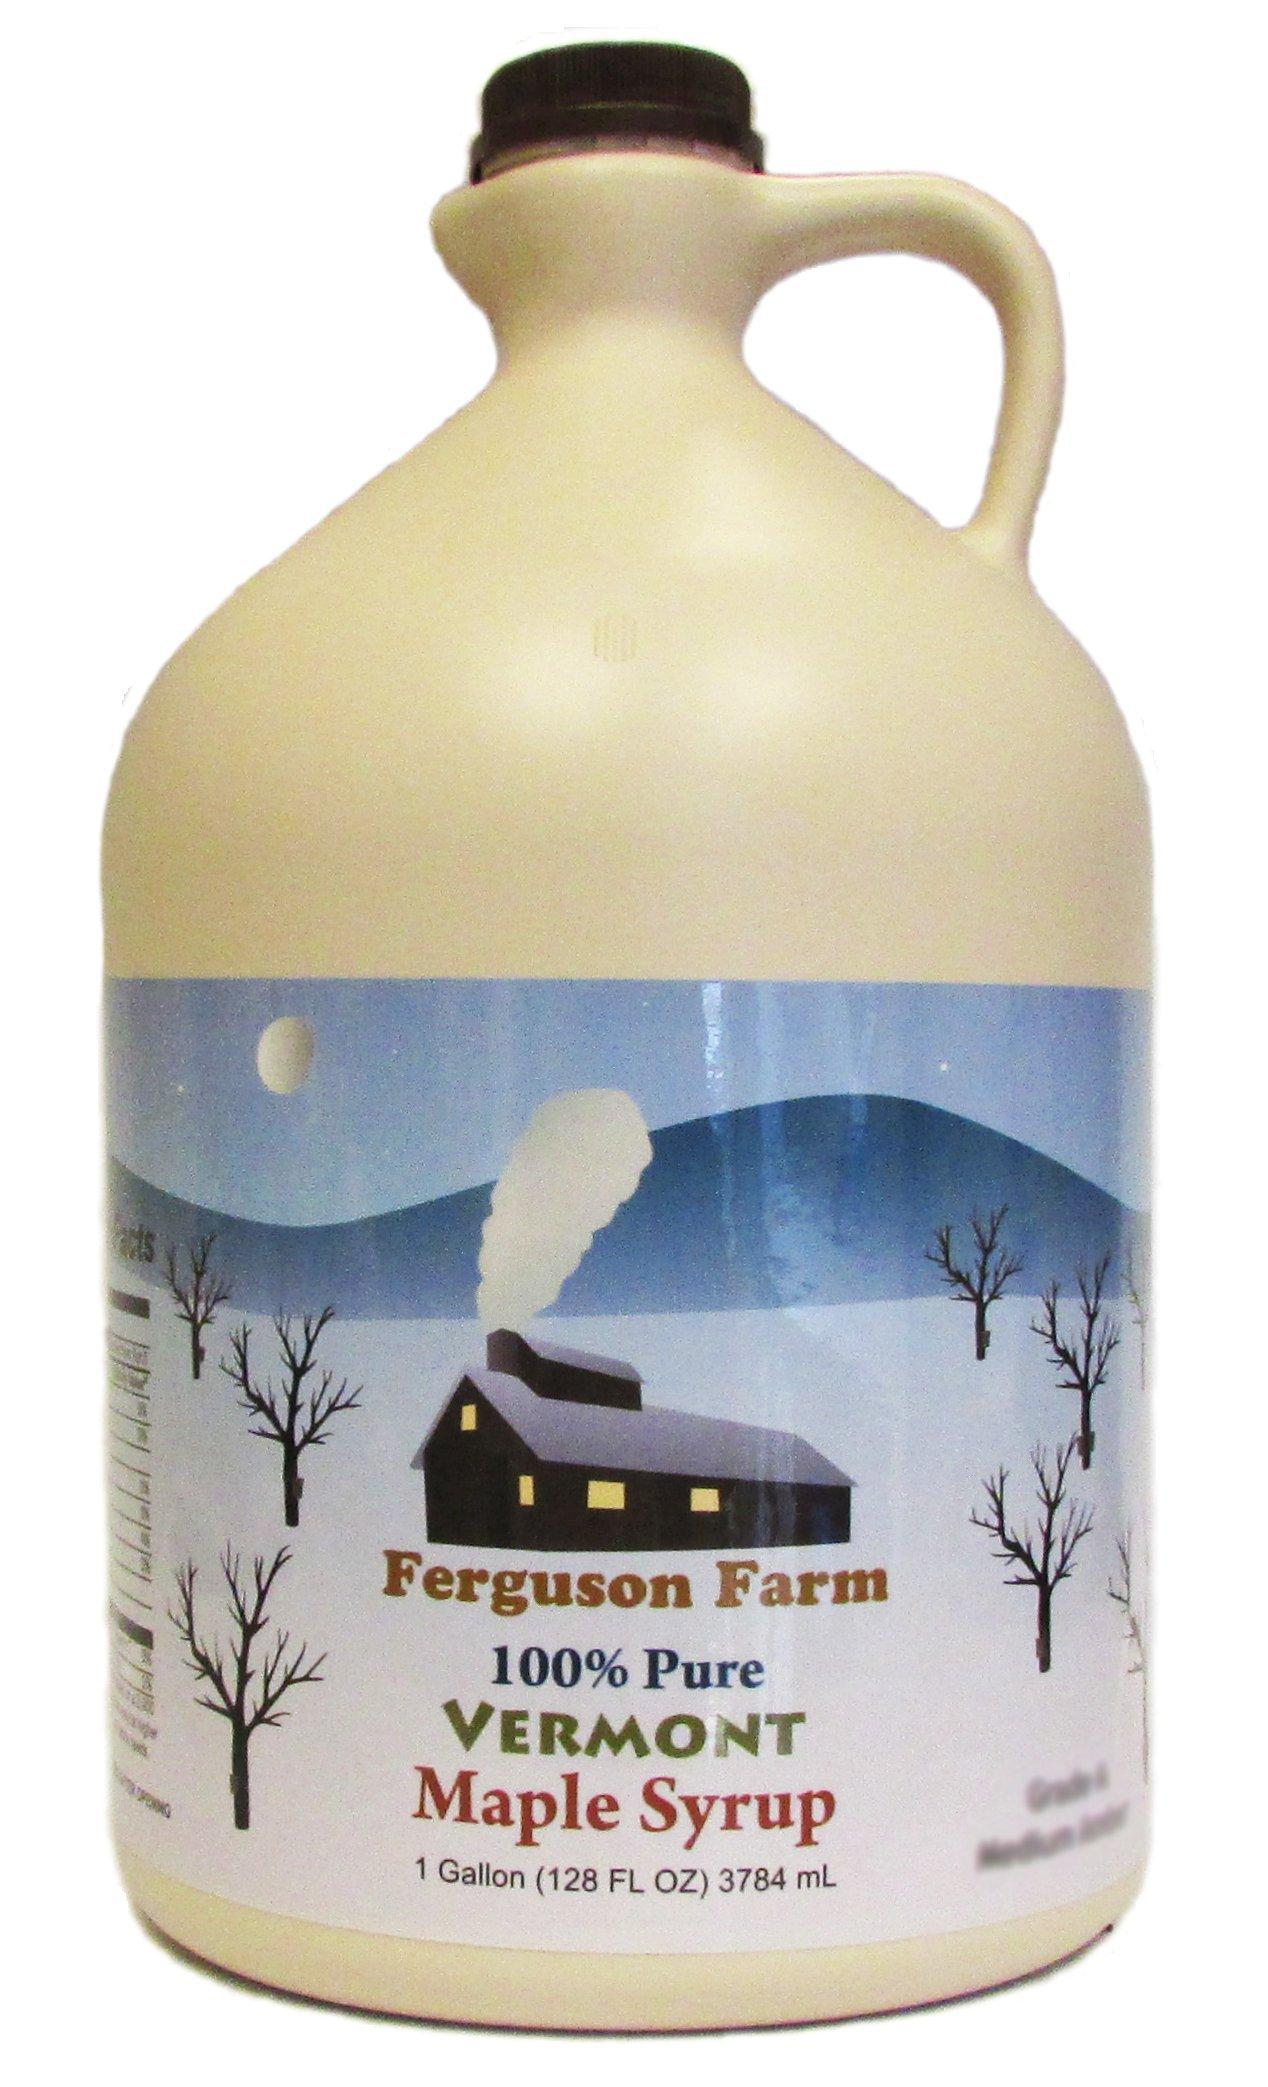 Ferguson Farms 100% Pure Vermont Maple Syrup, Grade A Medium, Jug 1 Gallon (128oz)